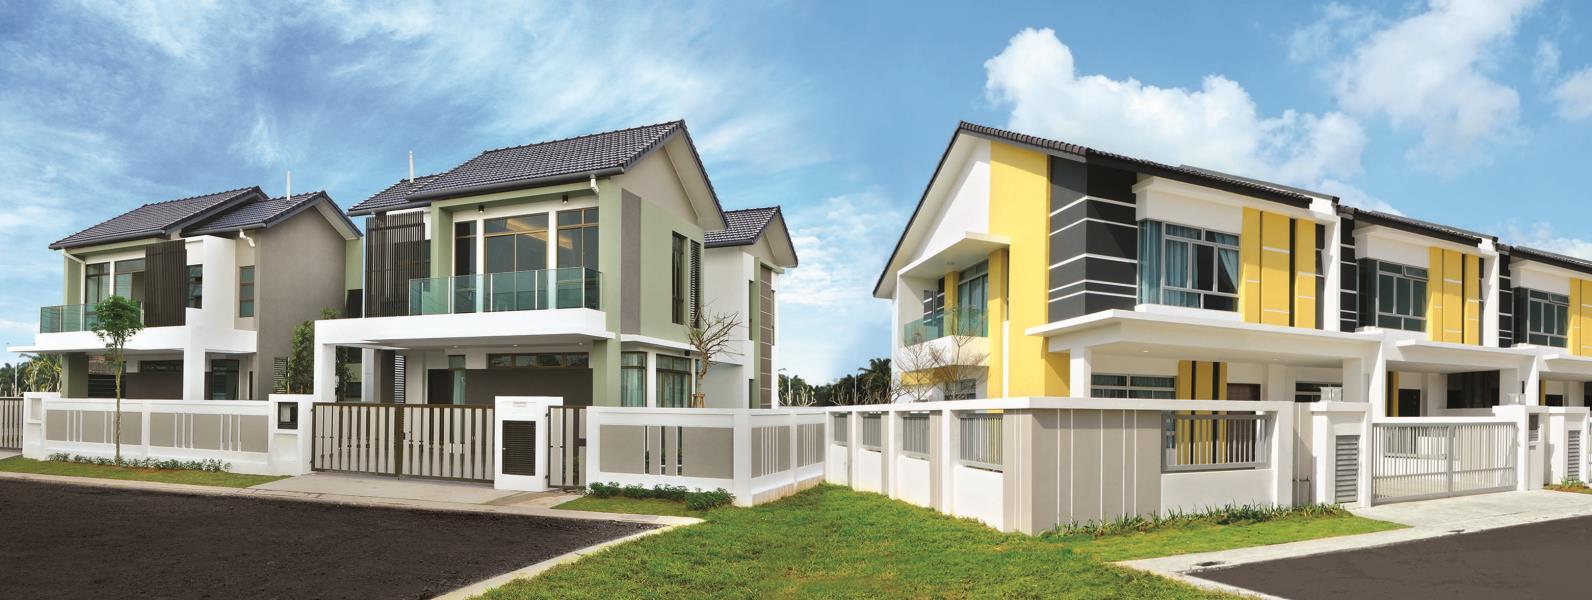 Bukit Impian 2-Storey Semi-Detached House